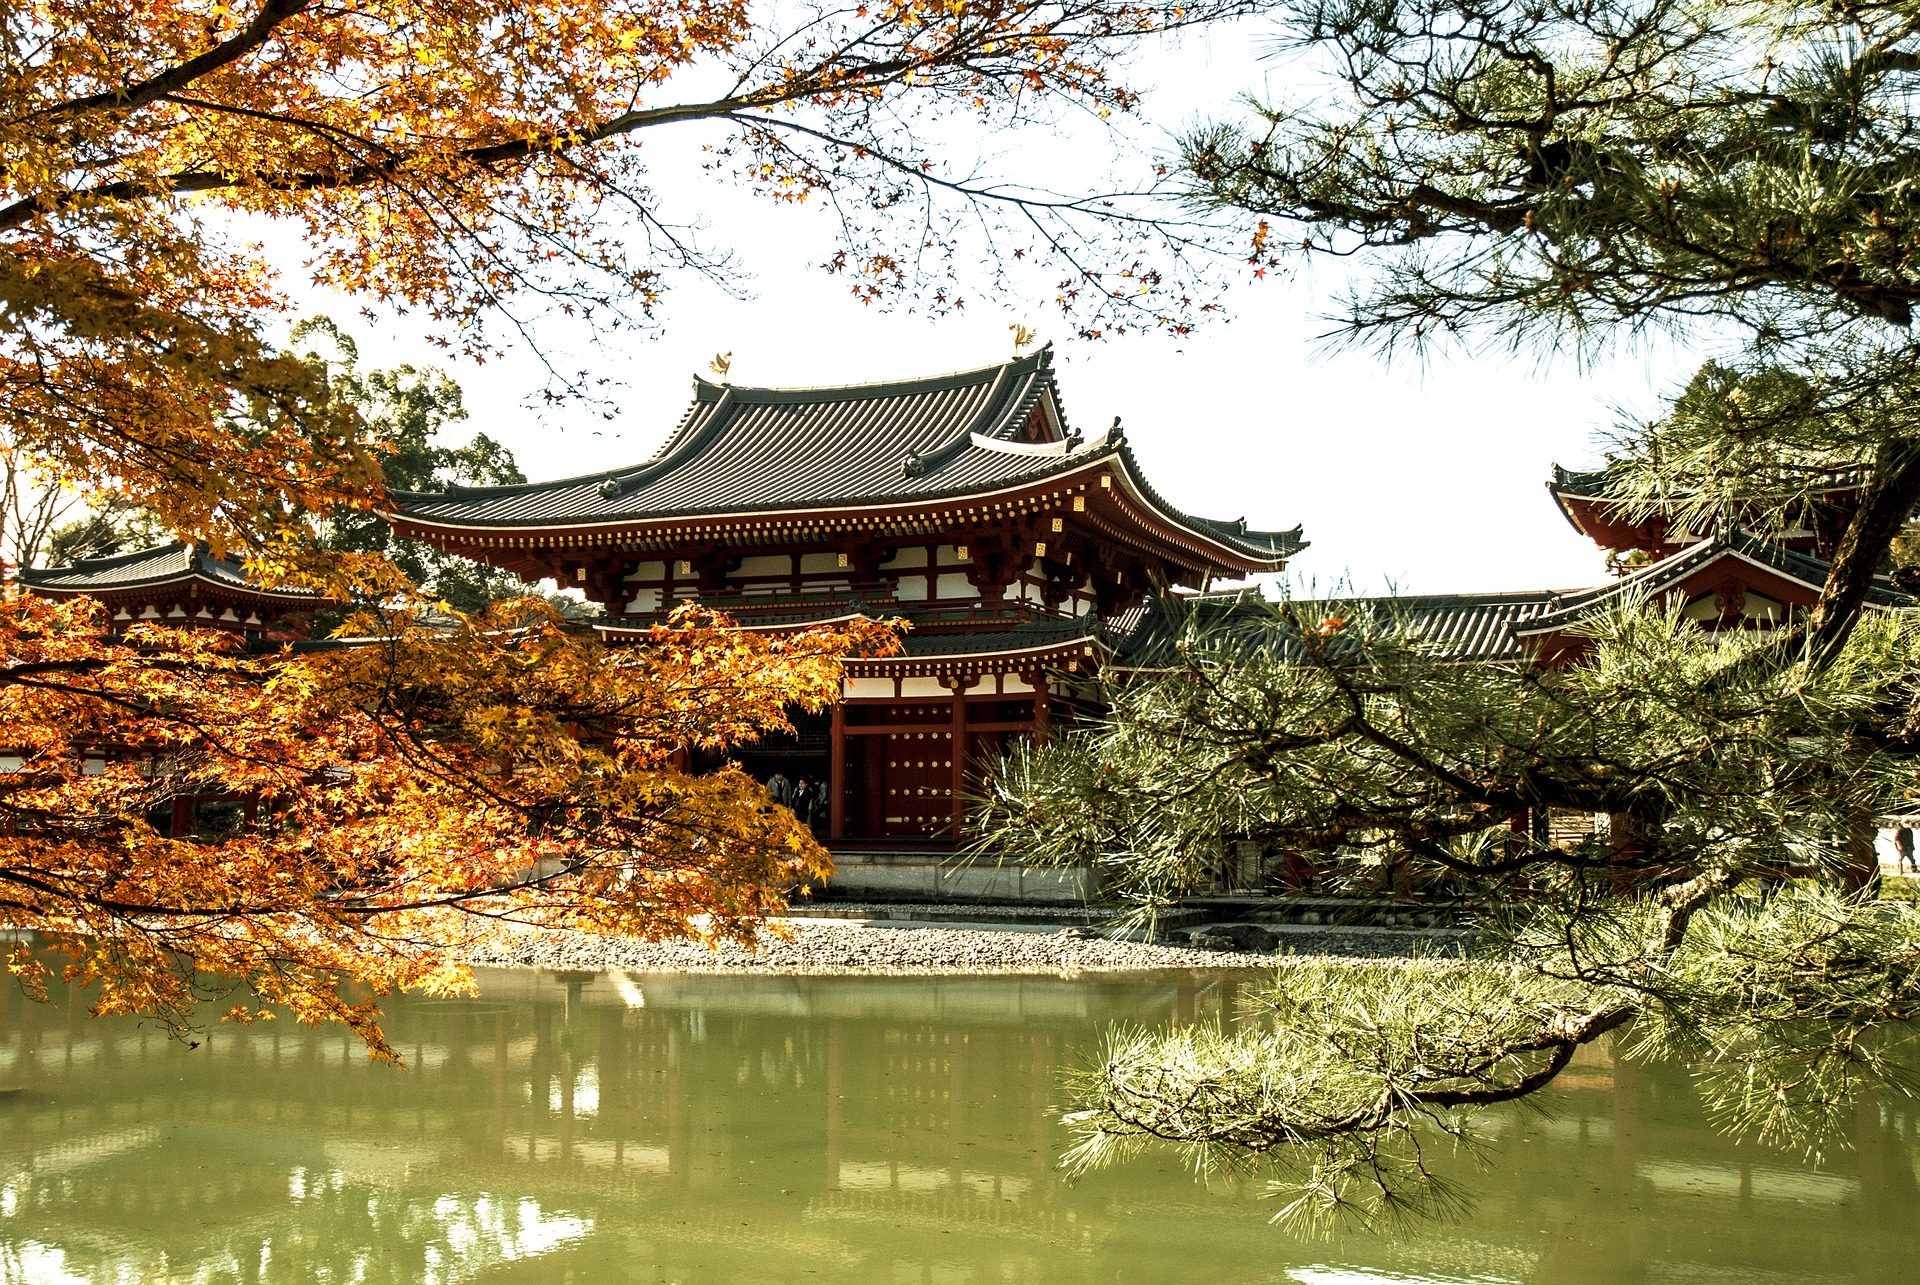 Templo de, Lago, Jardim, antepassados, Kyoto, Japão - Papéis de parede HD - Professor-falken.com